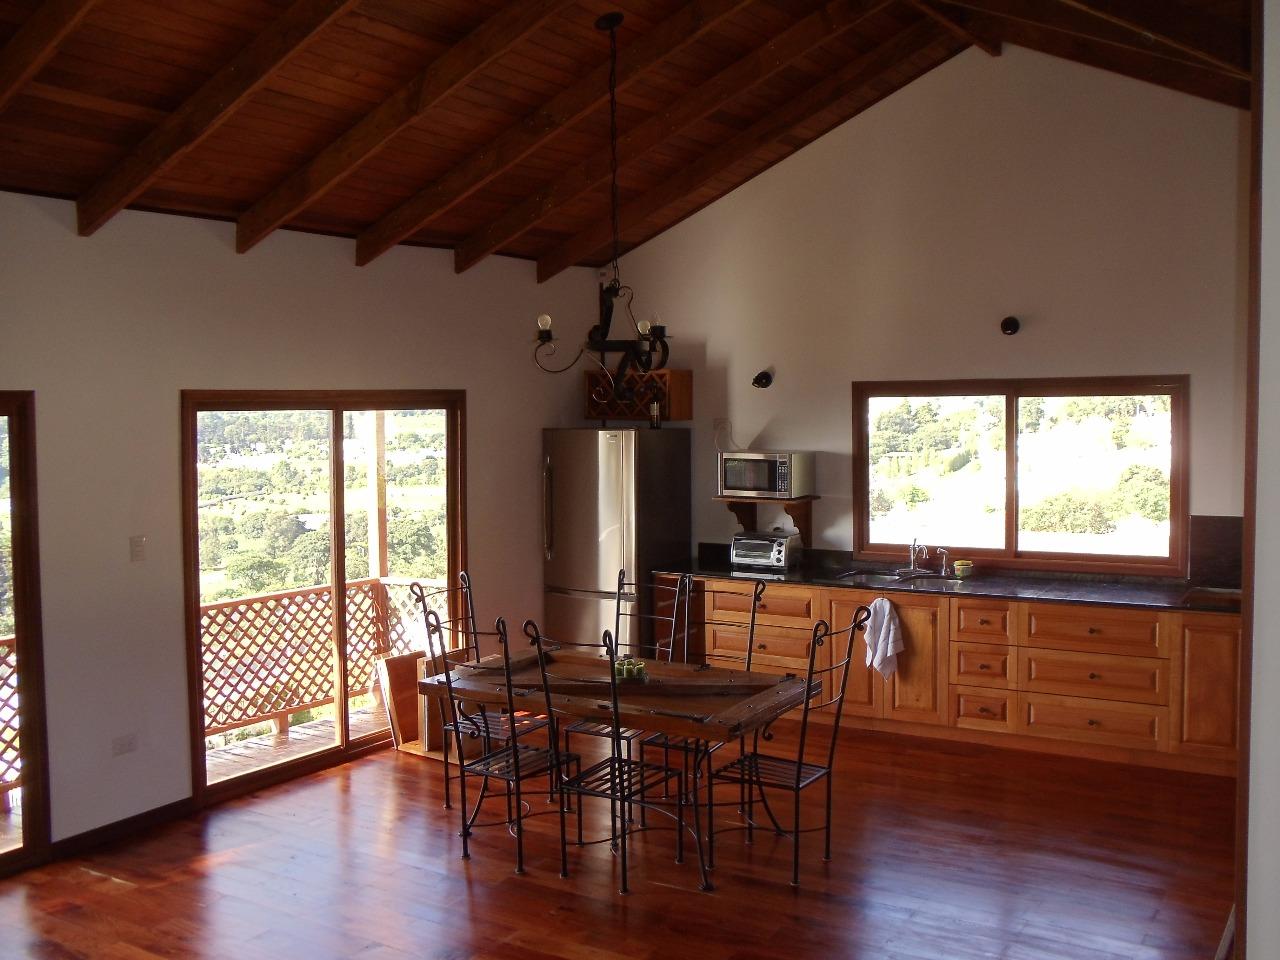 Casa de madera en alto casas dise o americano - Diseno de casas de madera ...